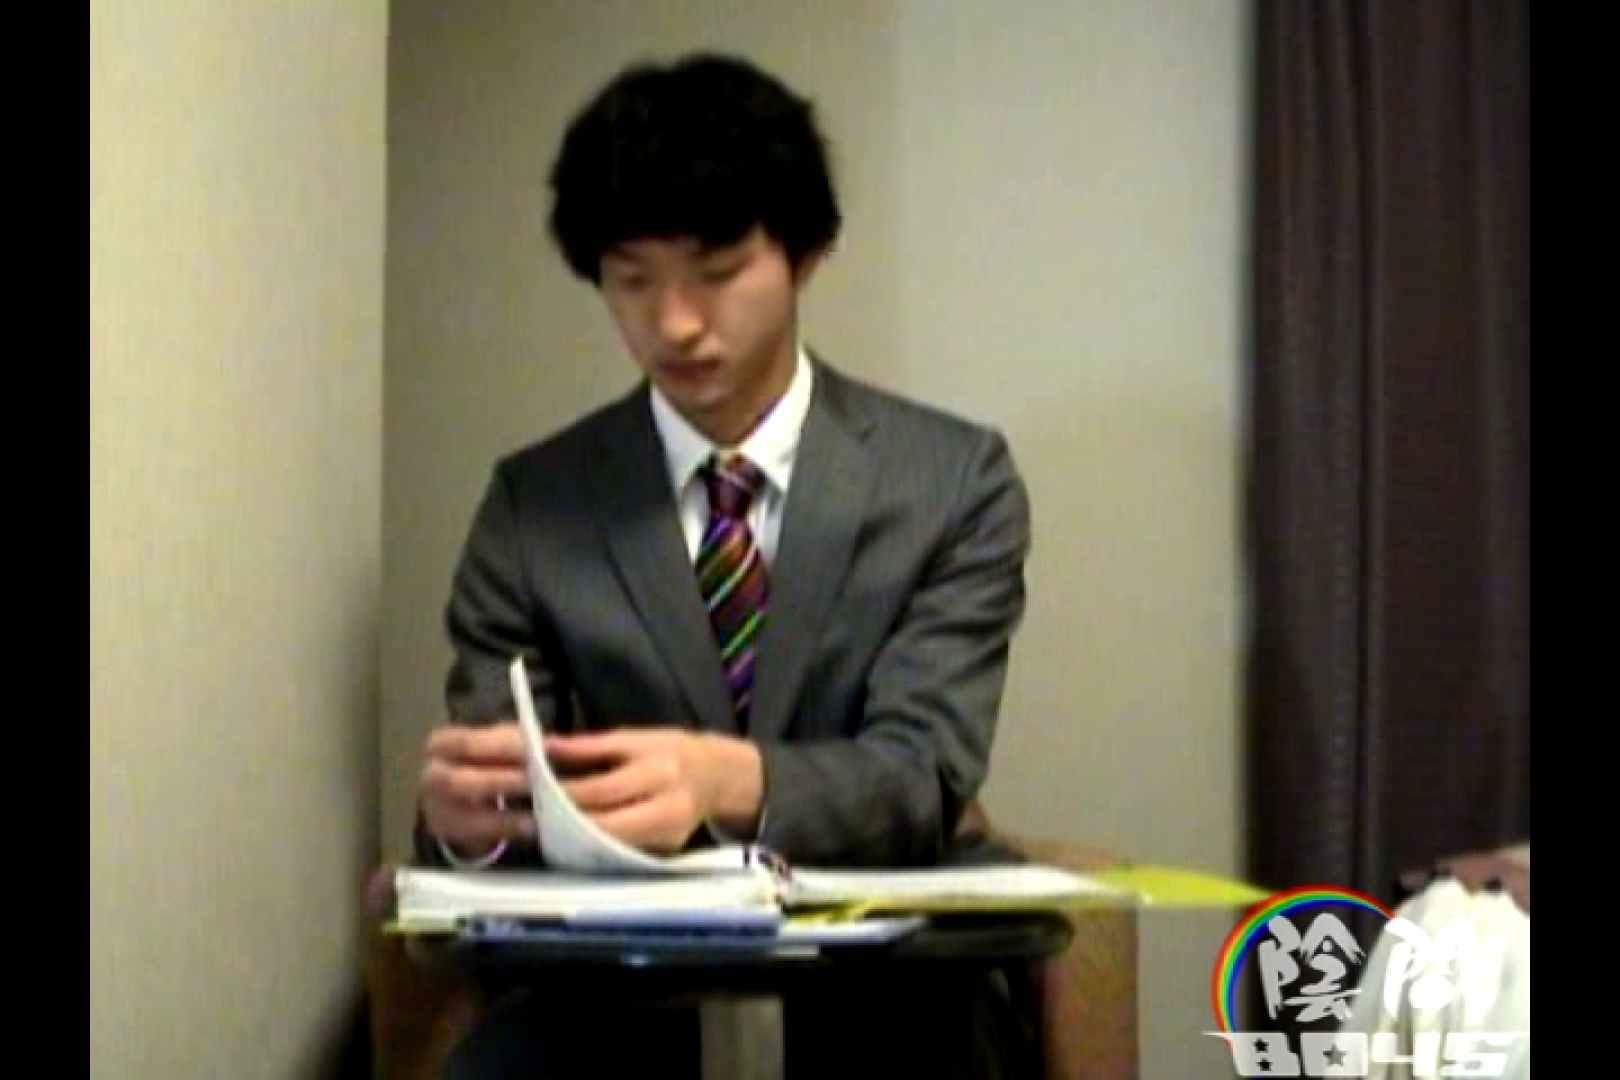 陰間BOYS~power harassment~01 アナル挿入 ゲイ無修正画像 92pic 4